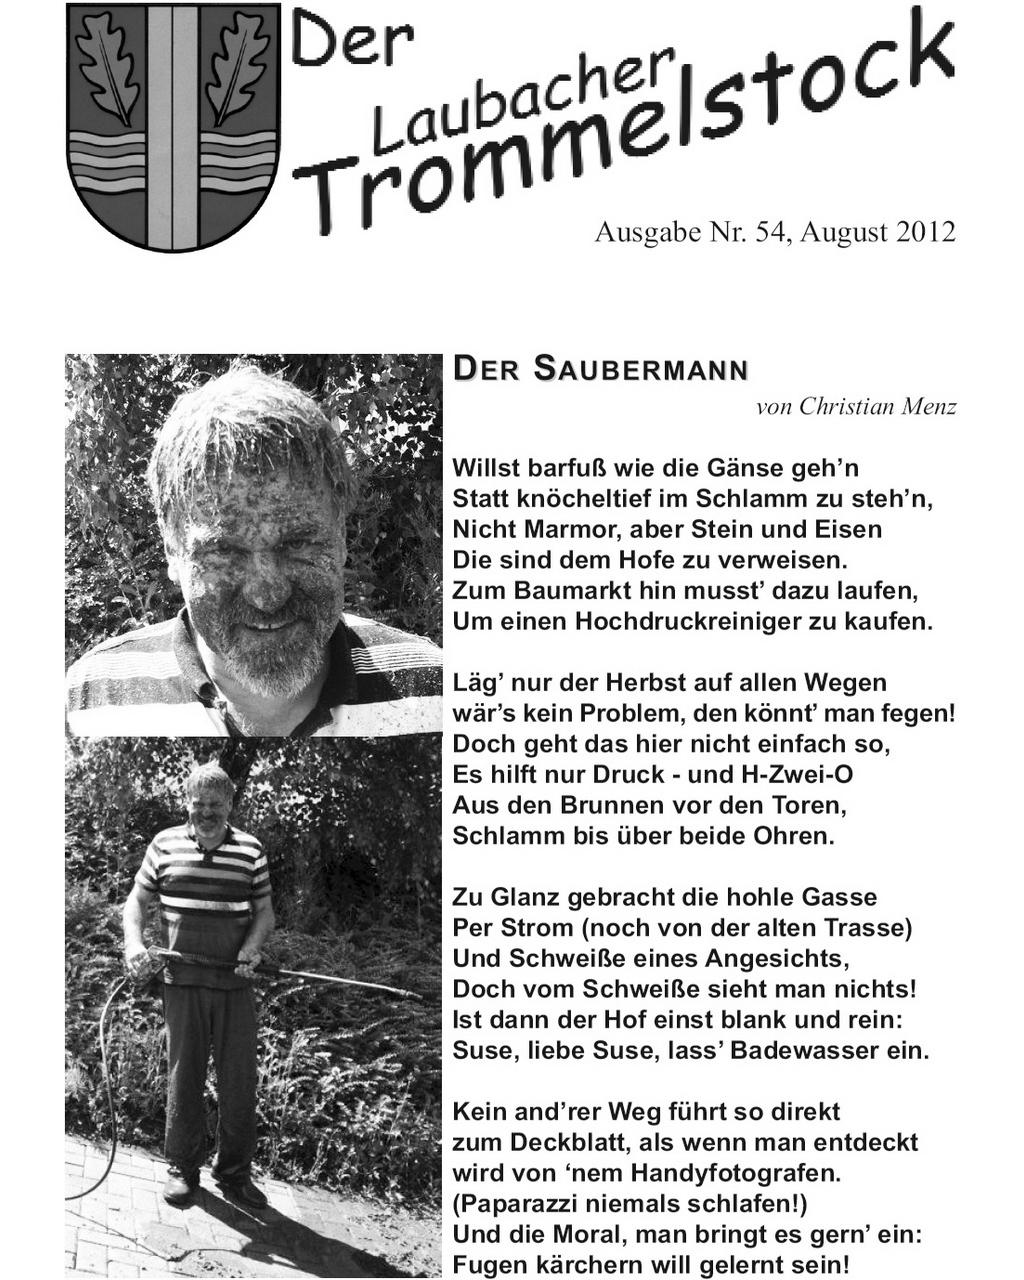 Laubacher-Trommelstock-Titelseite-054